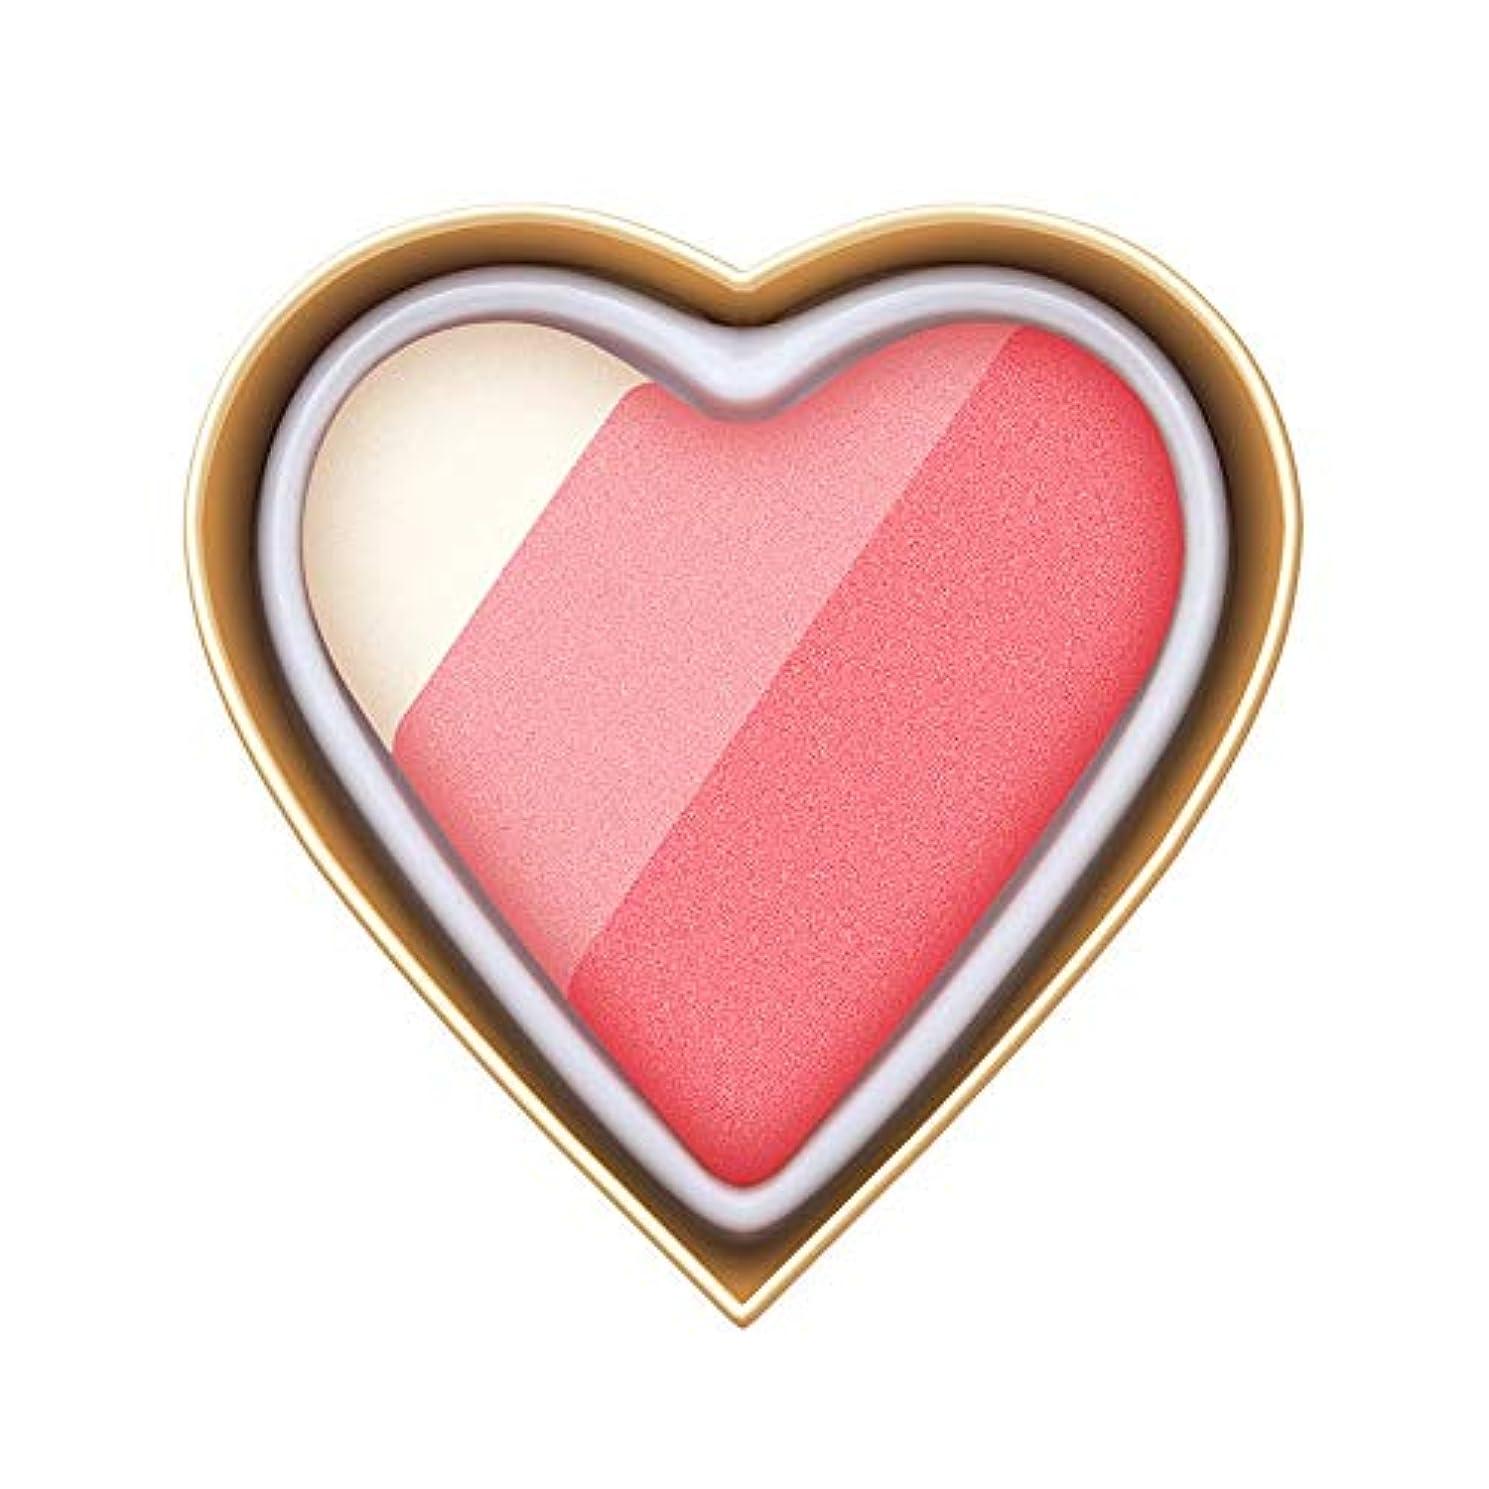 リングバックいつも欠如Florrita 女性 ハート型 アイシャドー パレット 優しい色 レインボー色 愛の少女系 ハイライトパウダー アイシャドー 発色が素晴らしい アイシャドウパレット シャドー ブラッシュ 携帯便利 プレゼント (D)